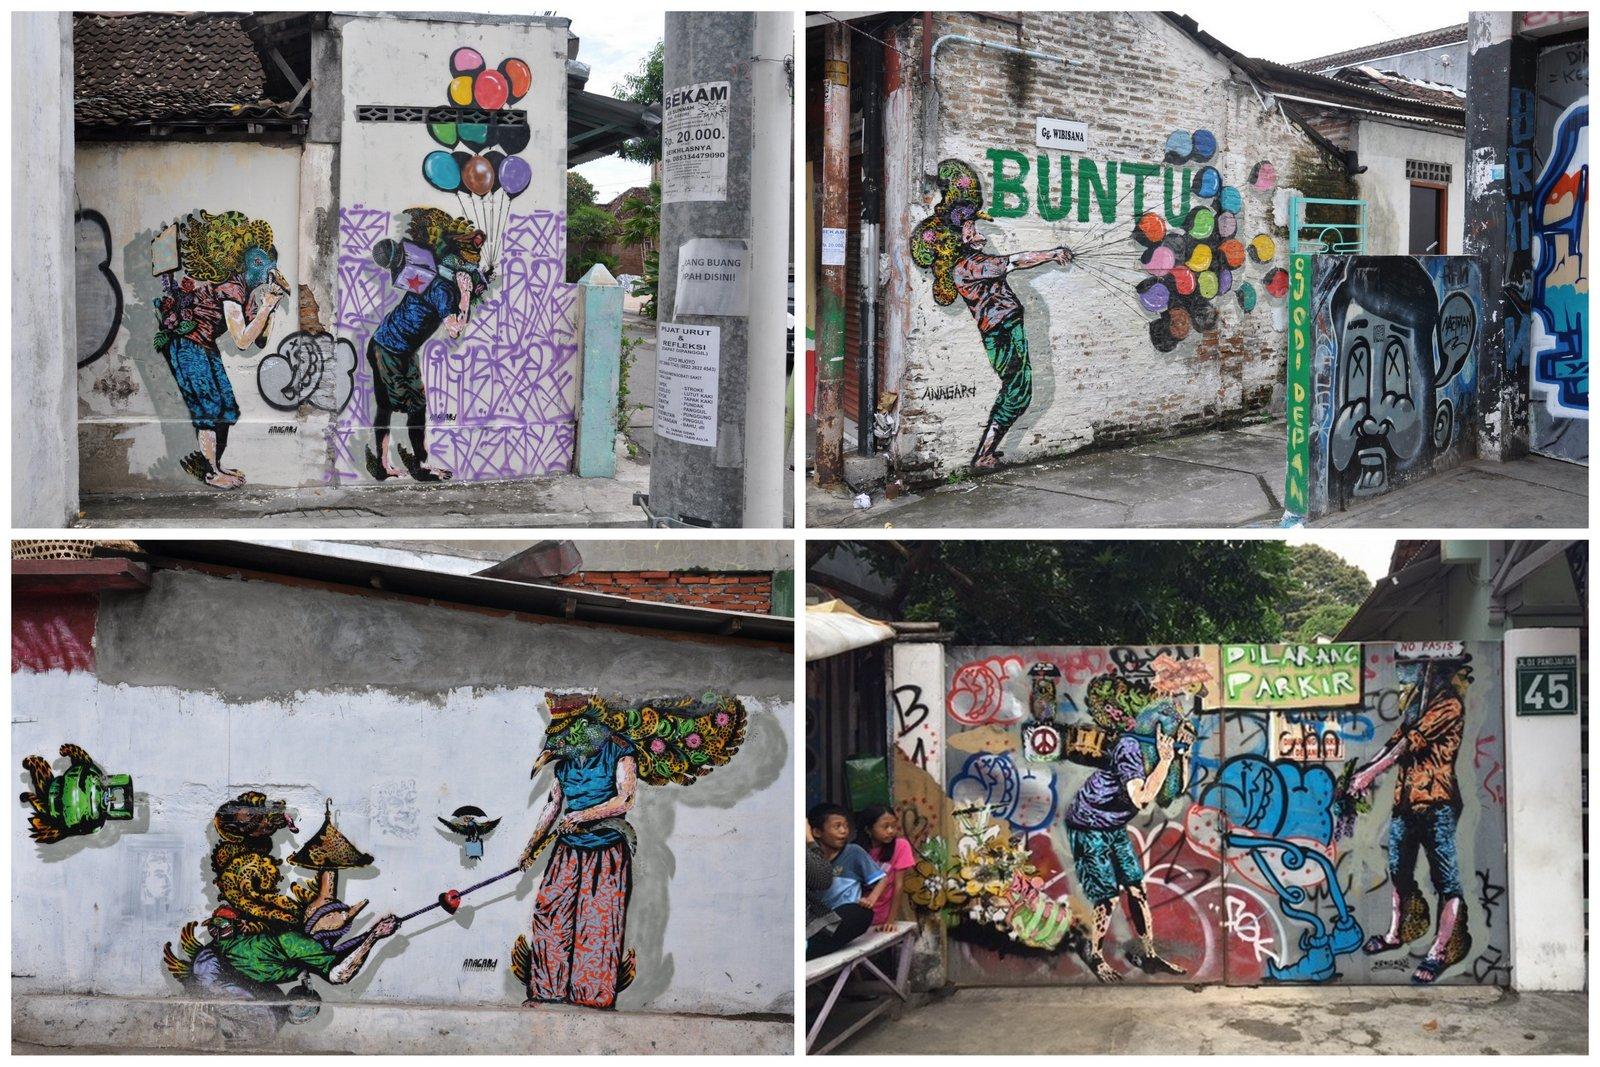 Les oeuvres de street-art réalisées par l'artiste de Yogyakarta Anagard